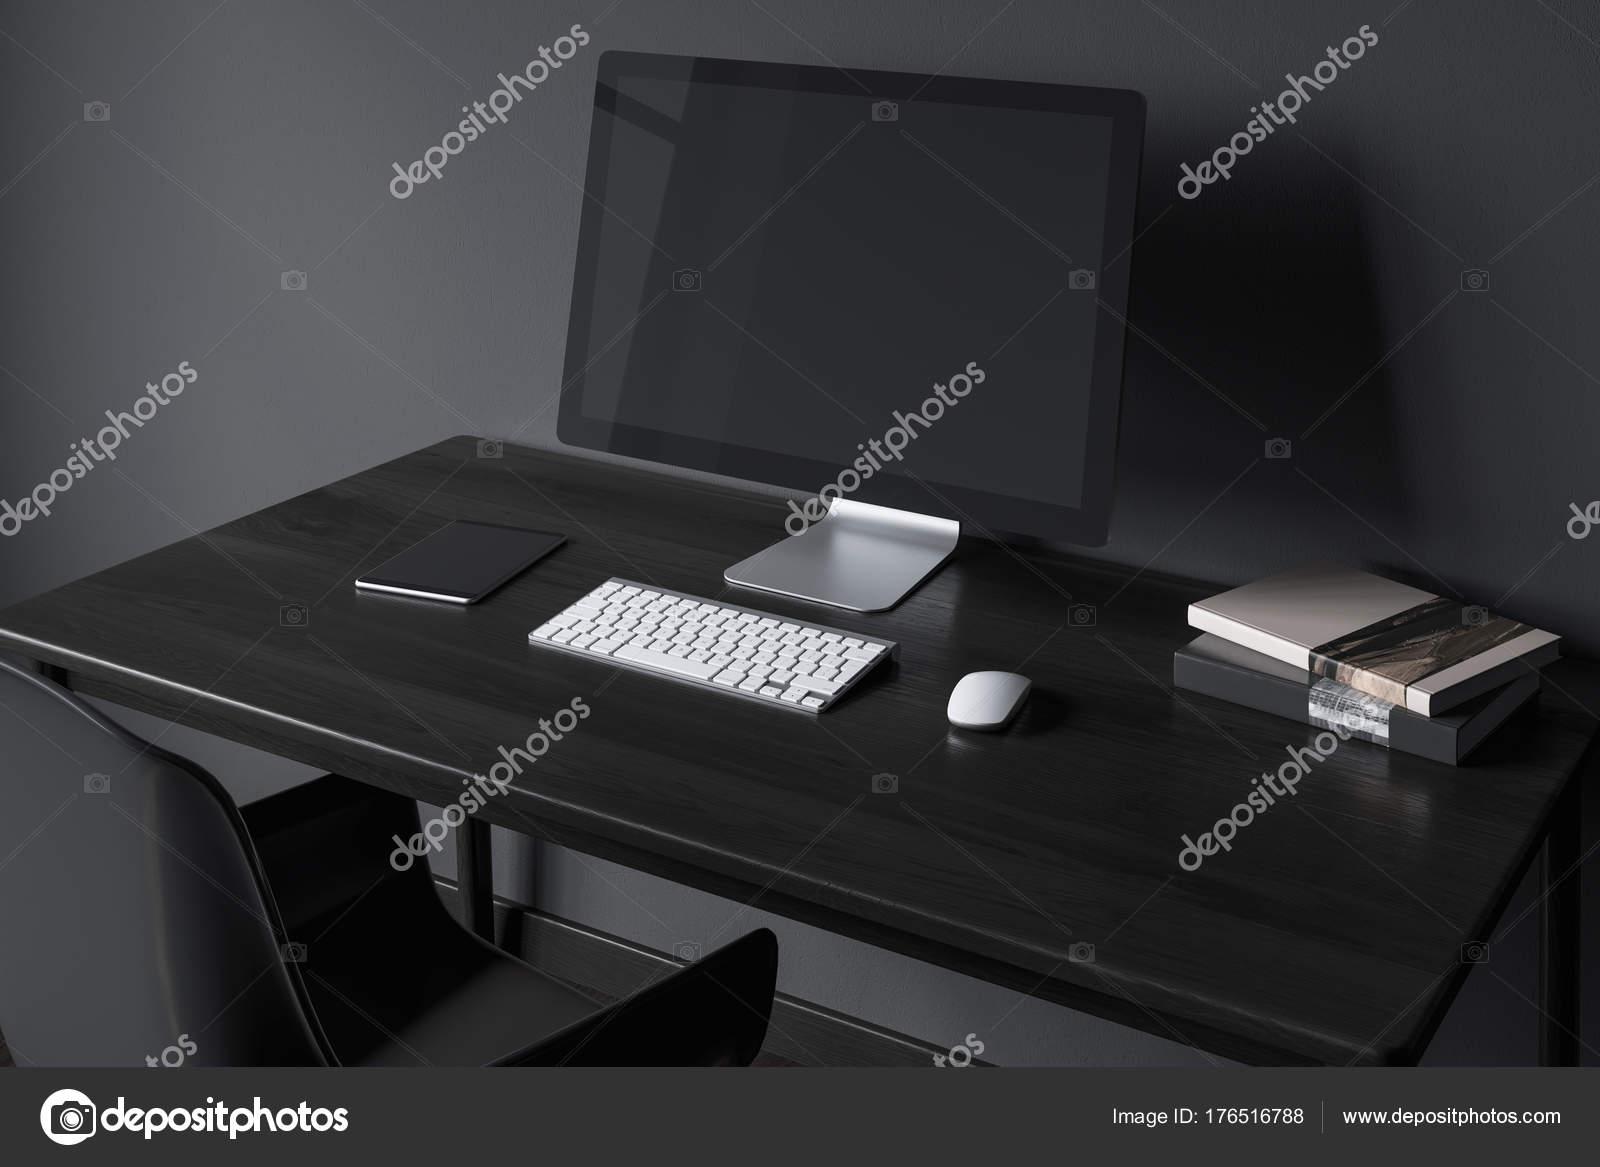 Scrivania Ufficio Nera : Schermo nero su un lato della scrivania in legno nero u foto stock